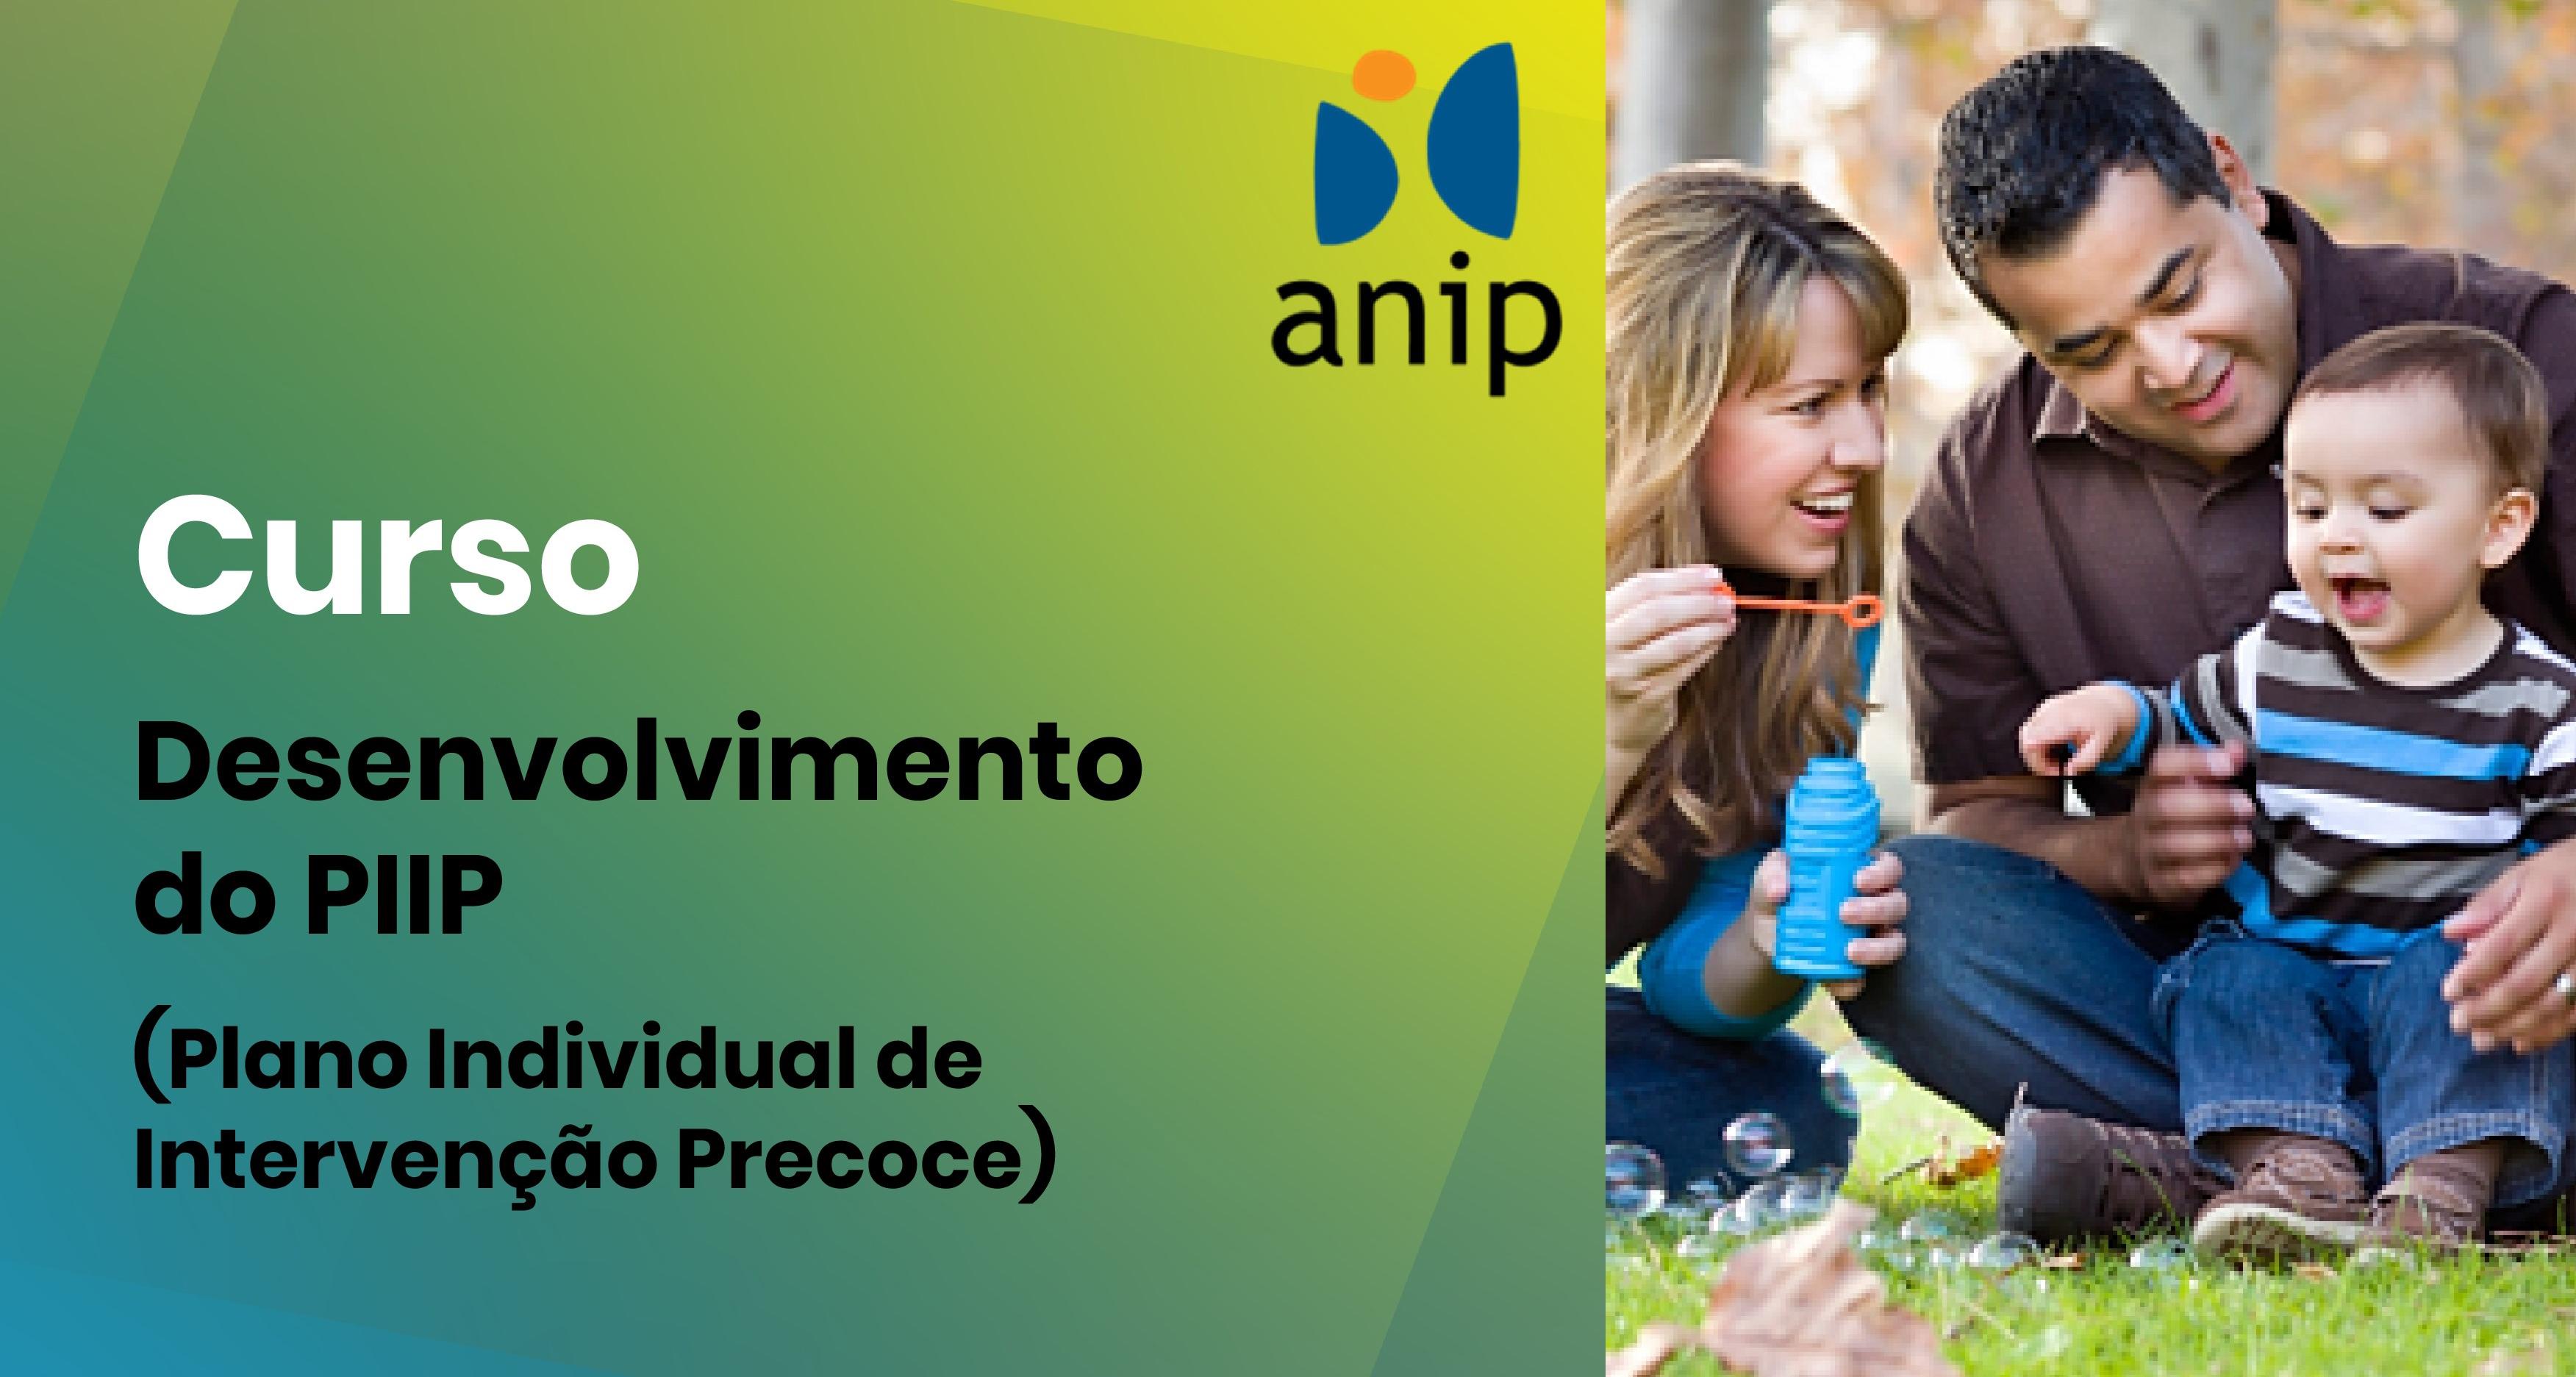 Desenvolvimento do PIIP (Plano Individual de Intervenção Precoce)